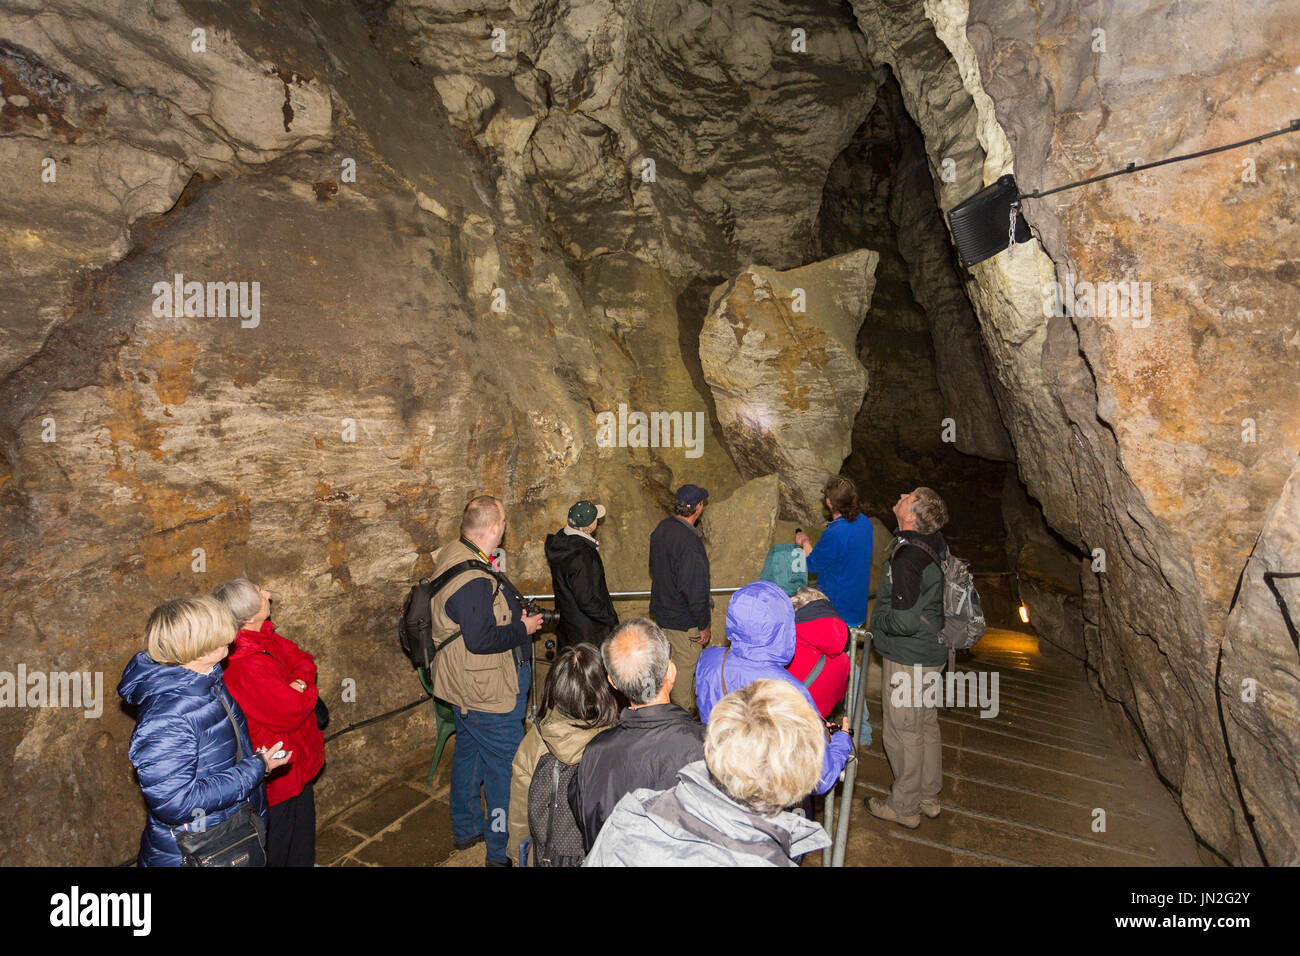 Un grupo de turistas se muestran las 20 toneladas de piedra de equilibrio en el sistema Blue John caverna, nr Castleton, Peak District, Derbyshire, Inglaterra, Reino Unido. Foto de stock